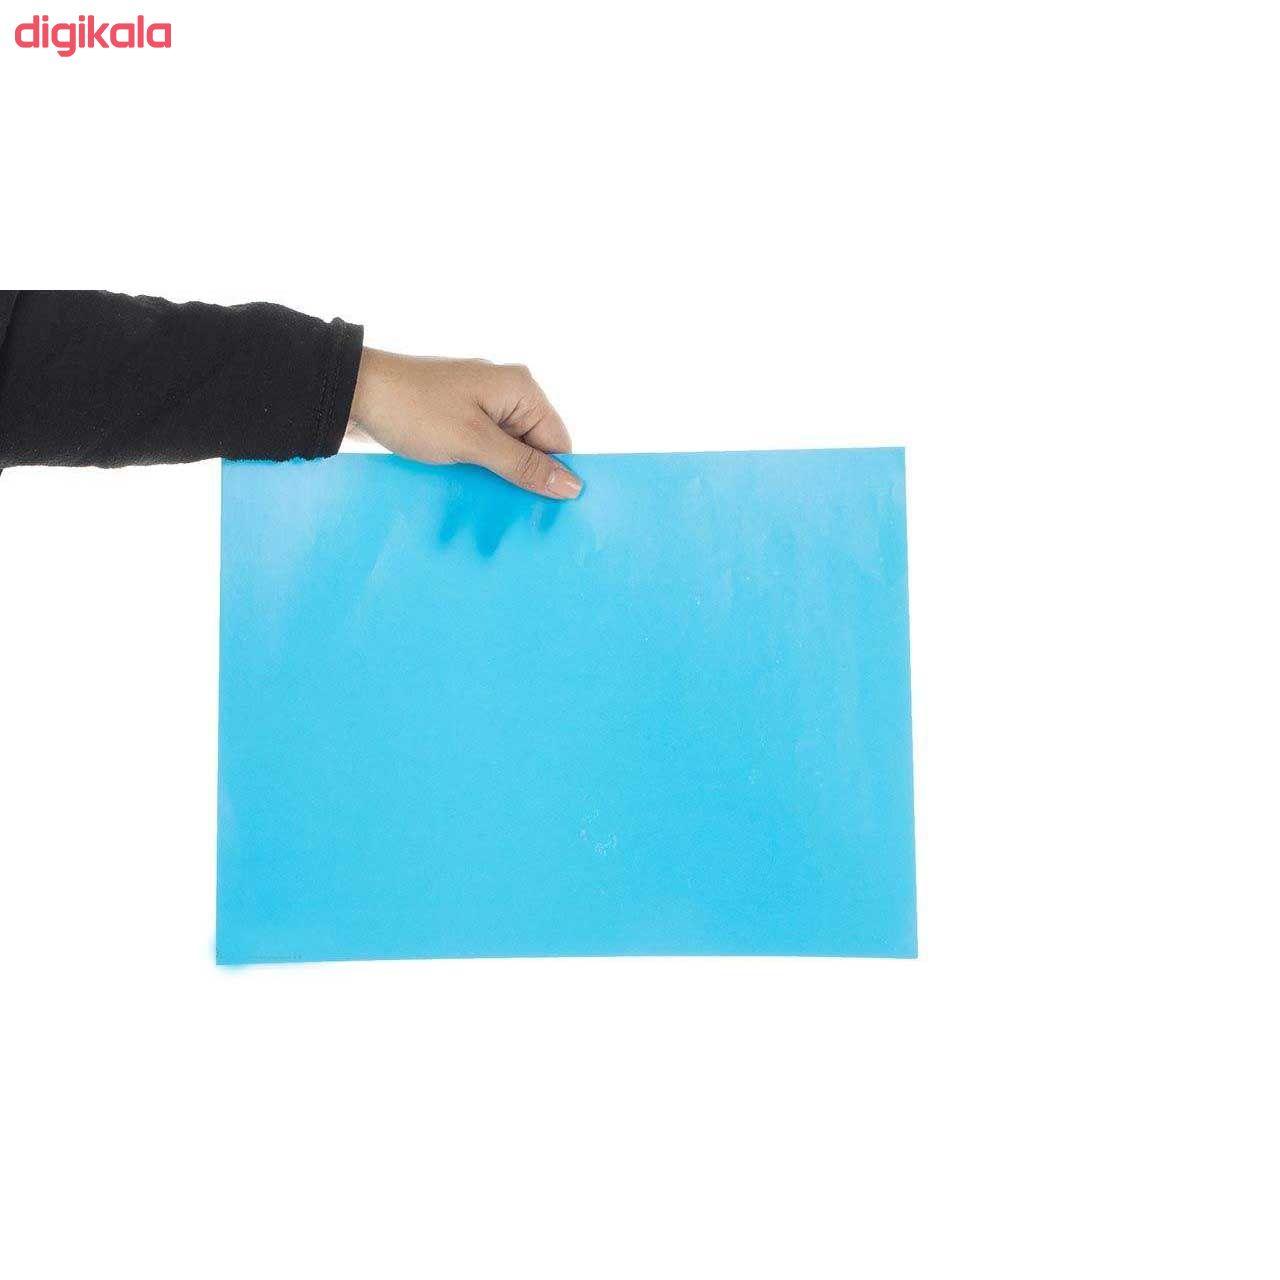 کاغذ رنگی A4 کد Pa 40 بسته 40 عددی main 1 2